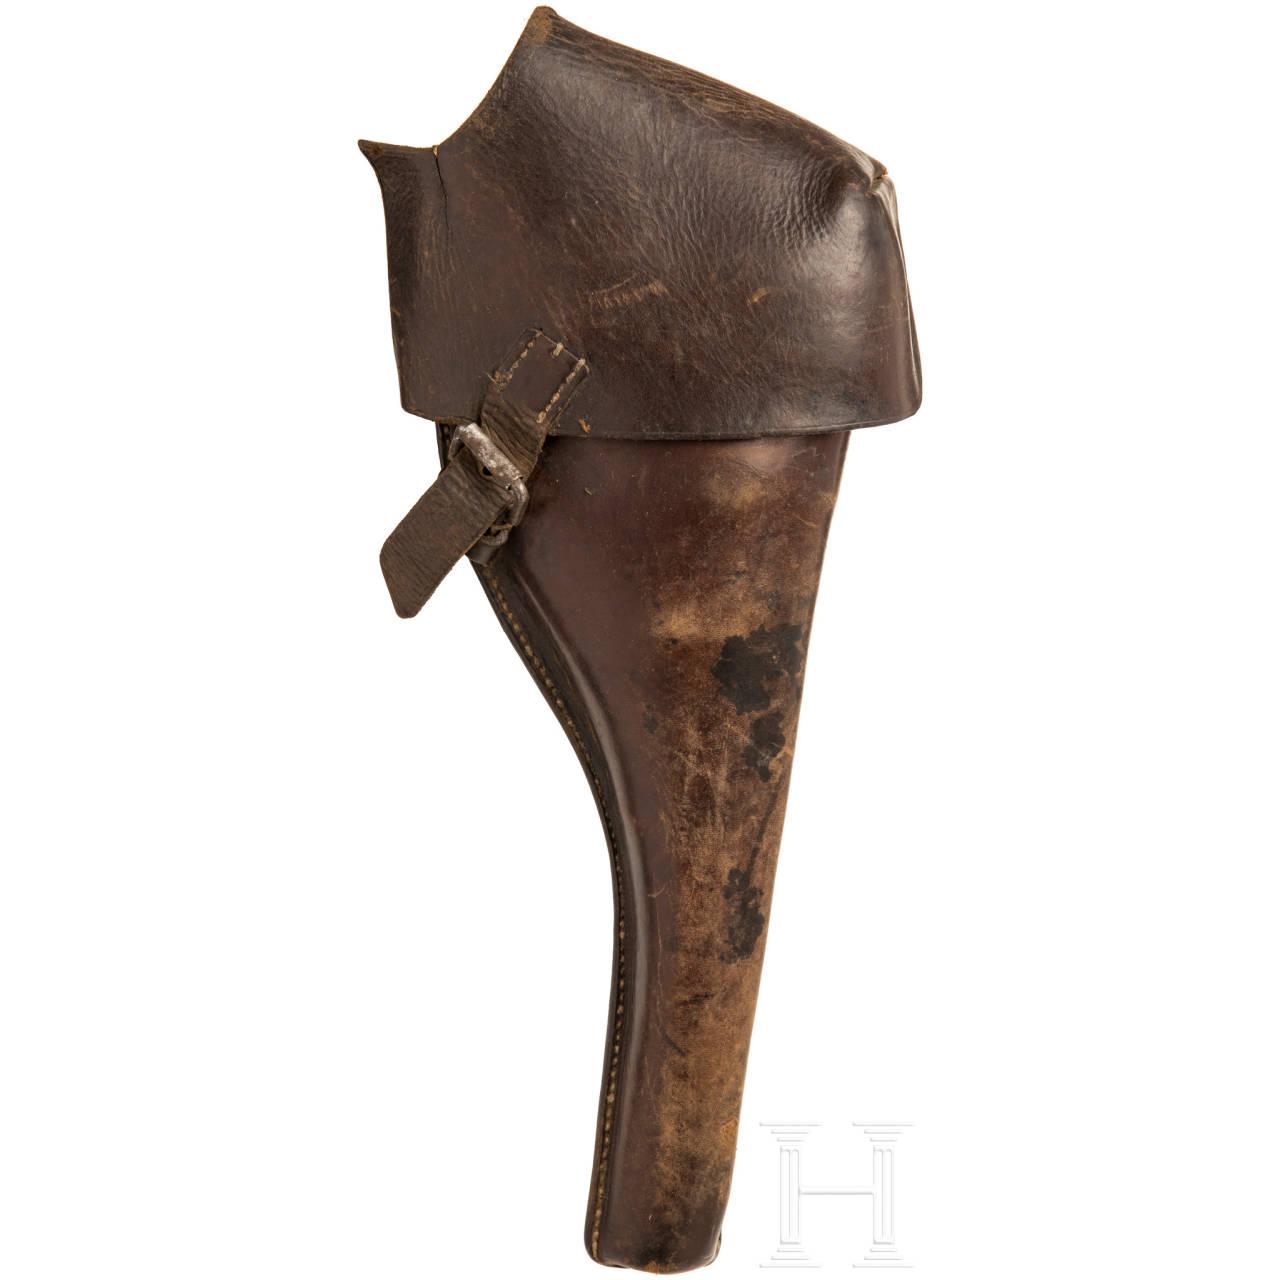 Tasche M/87 für Reichsrevolver M 1879